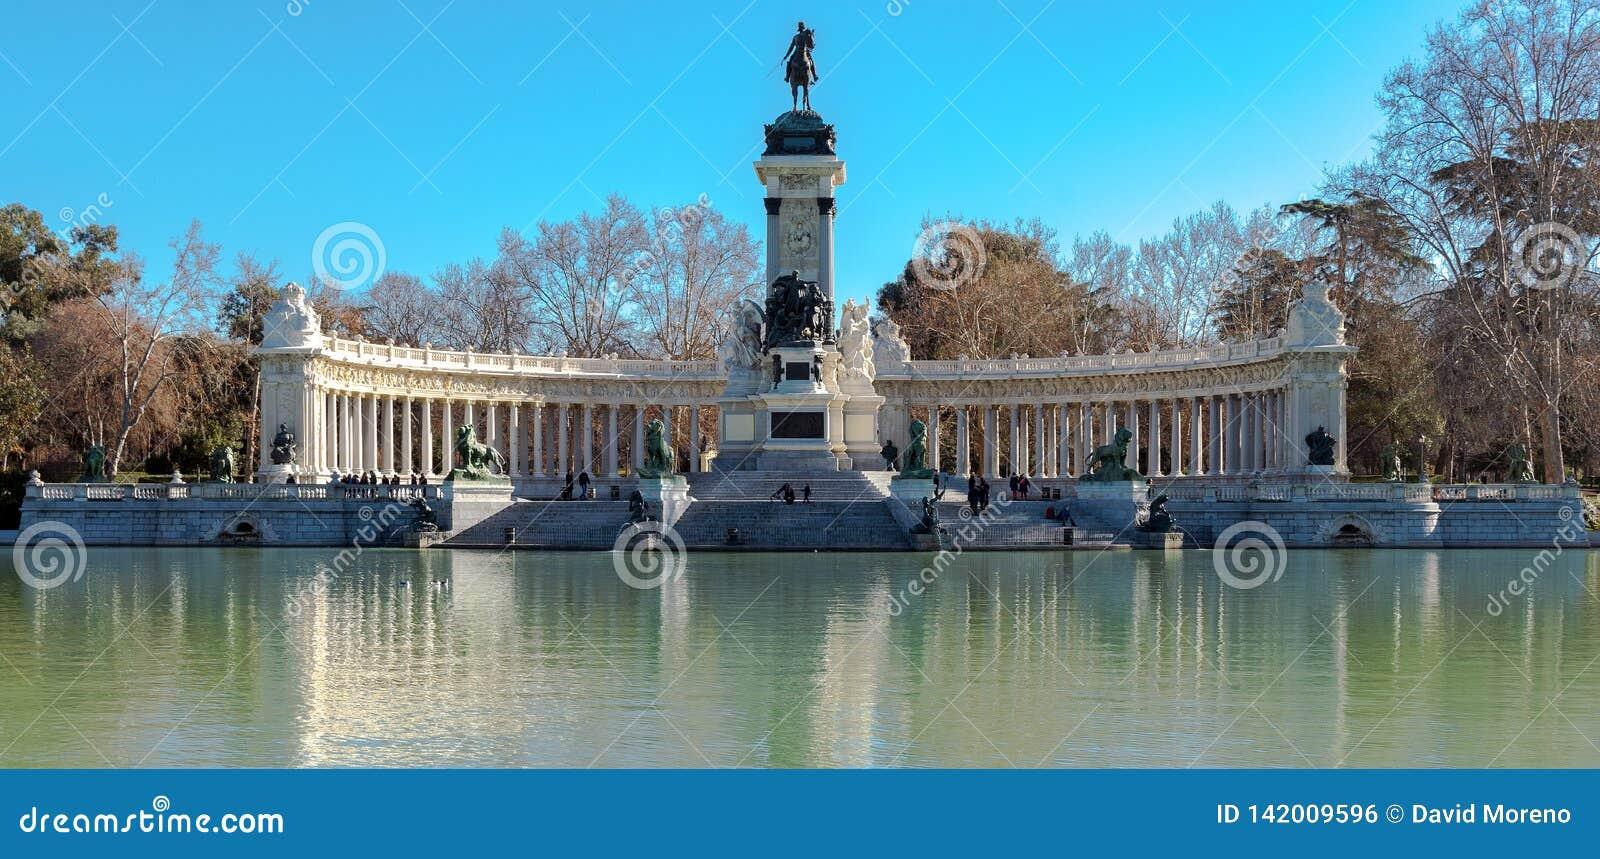 Madryt Hiszpania, Luty 13, 2018 - Zabytek Alfonso XII przy stawem w Retiro parku w Madryt, Hiszpania